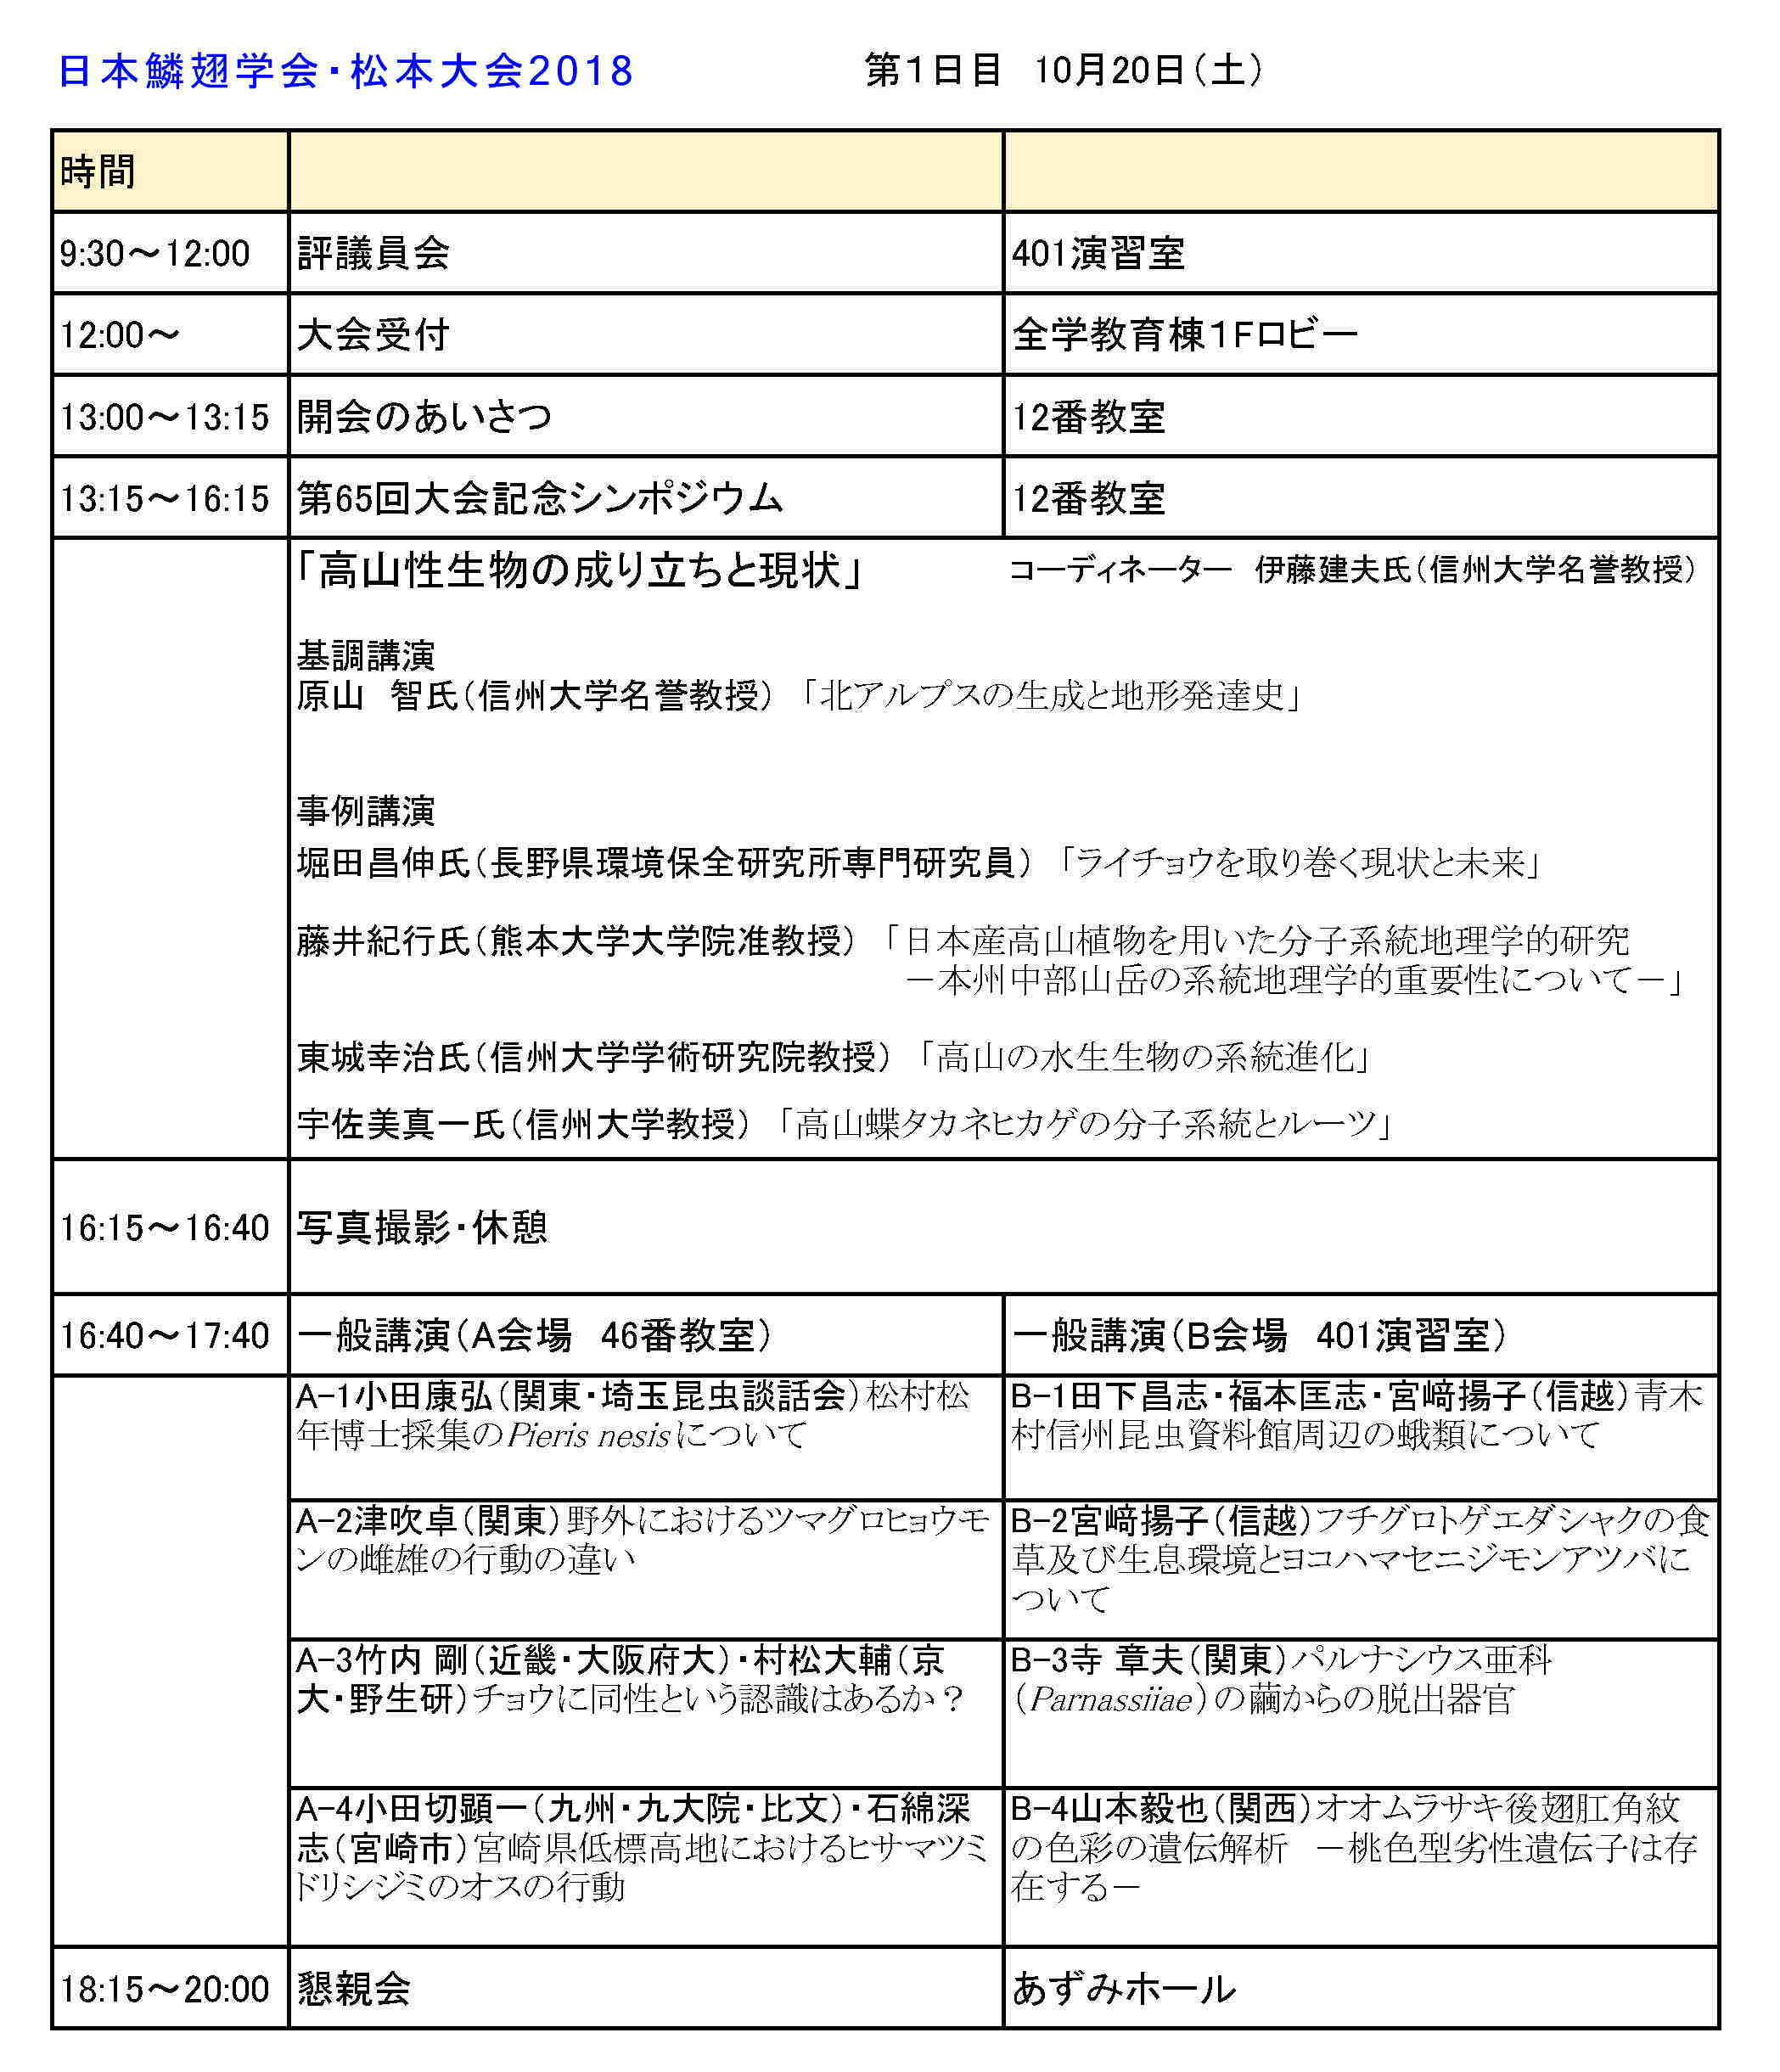 キタテハ♂雄の前脚撮影成功と秋の講演予定_a0146869_05393921.jpg